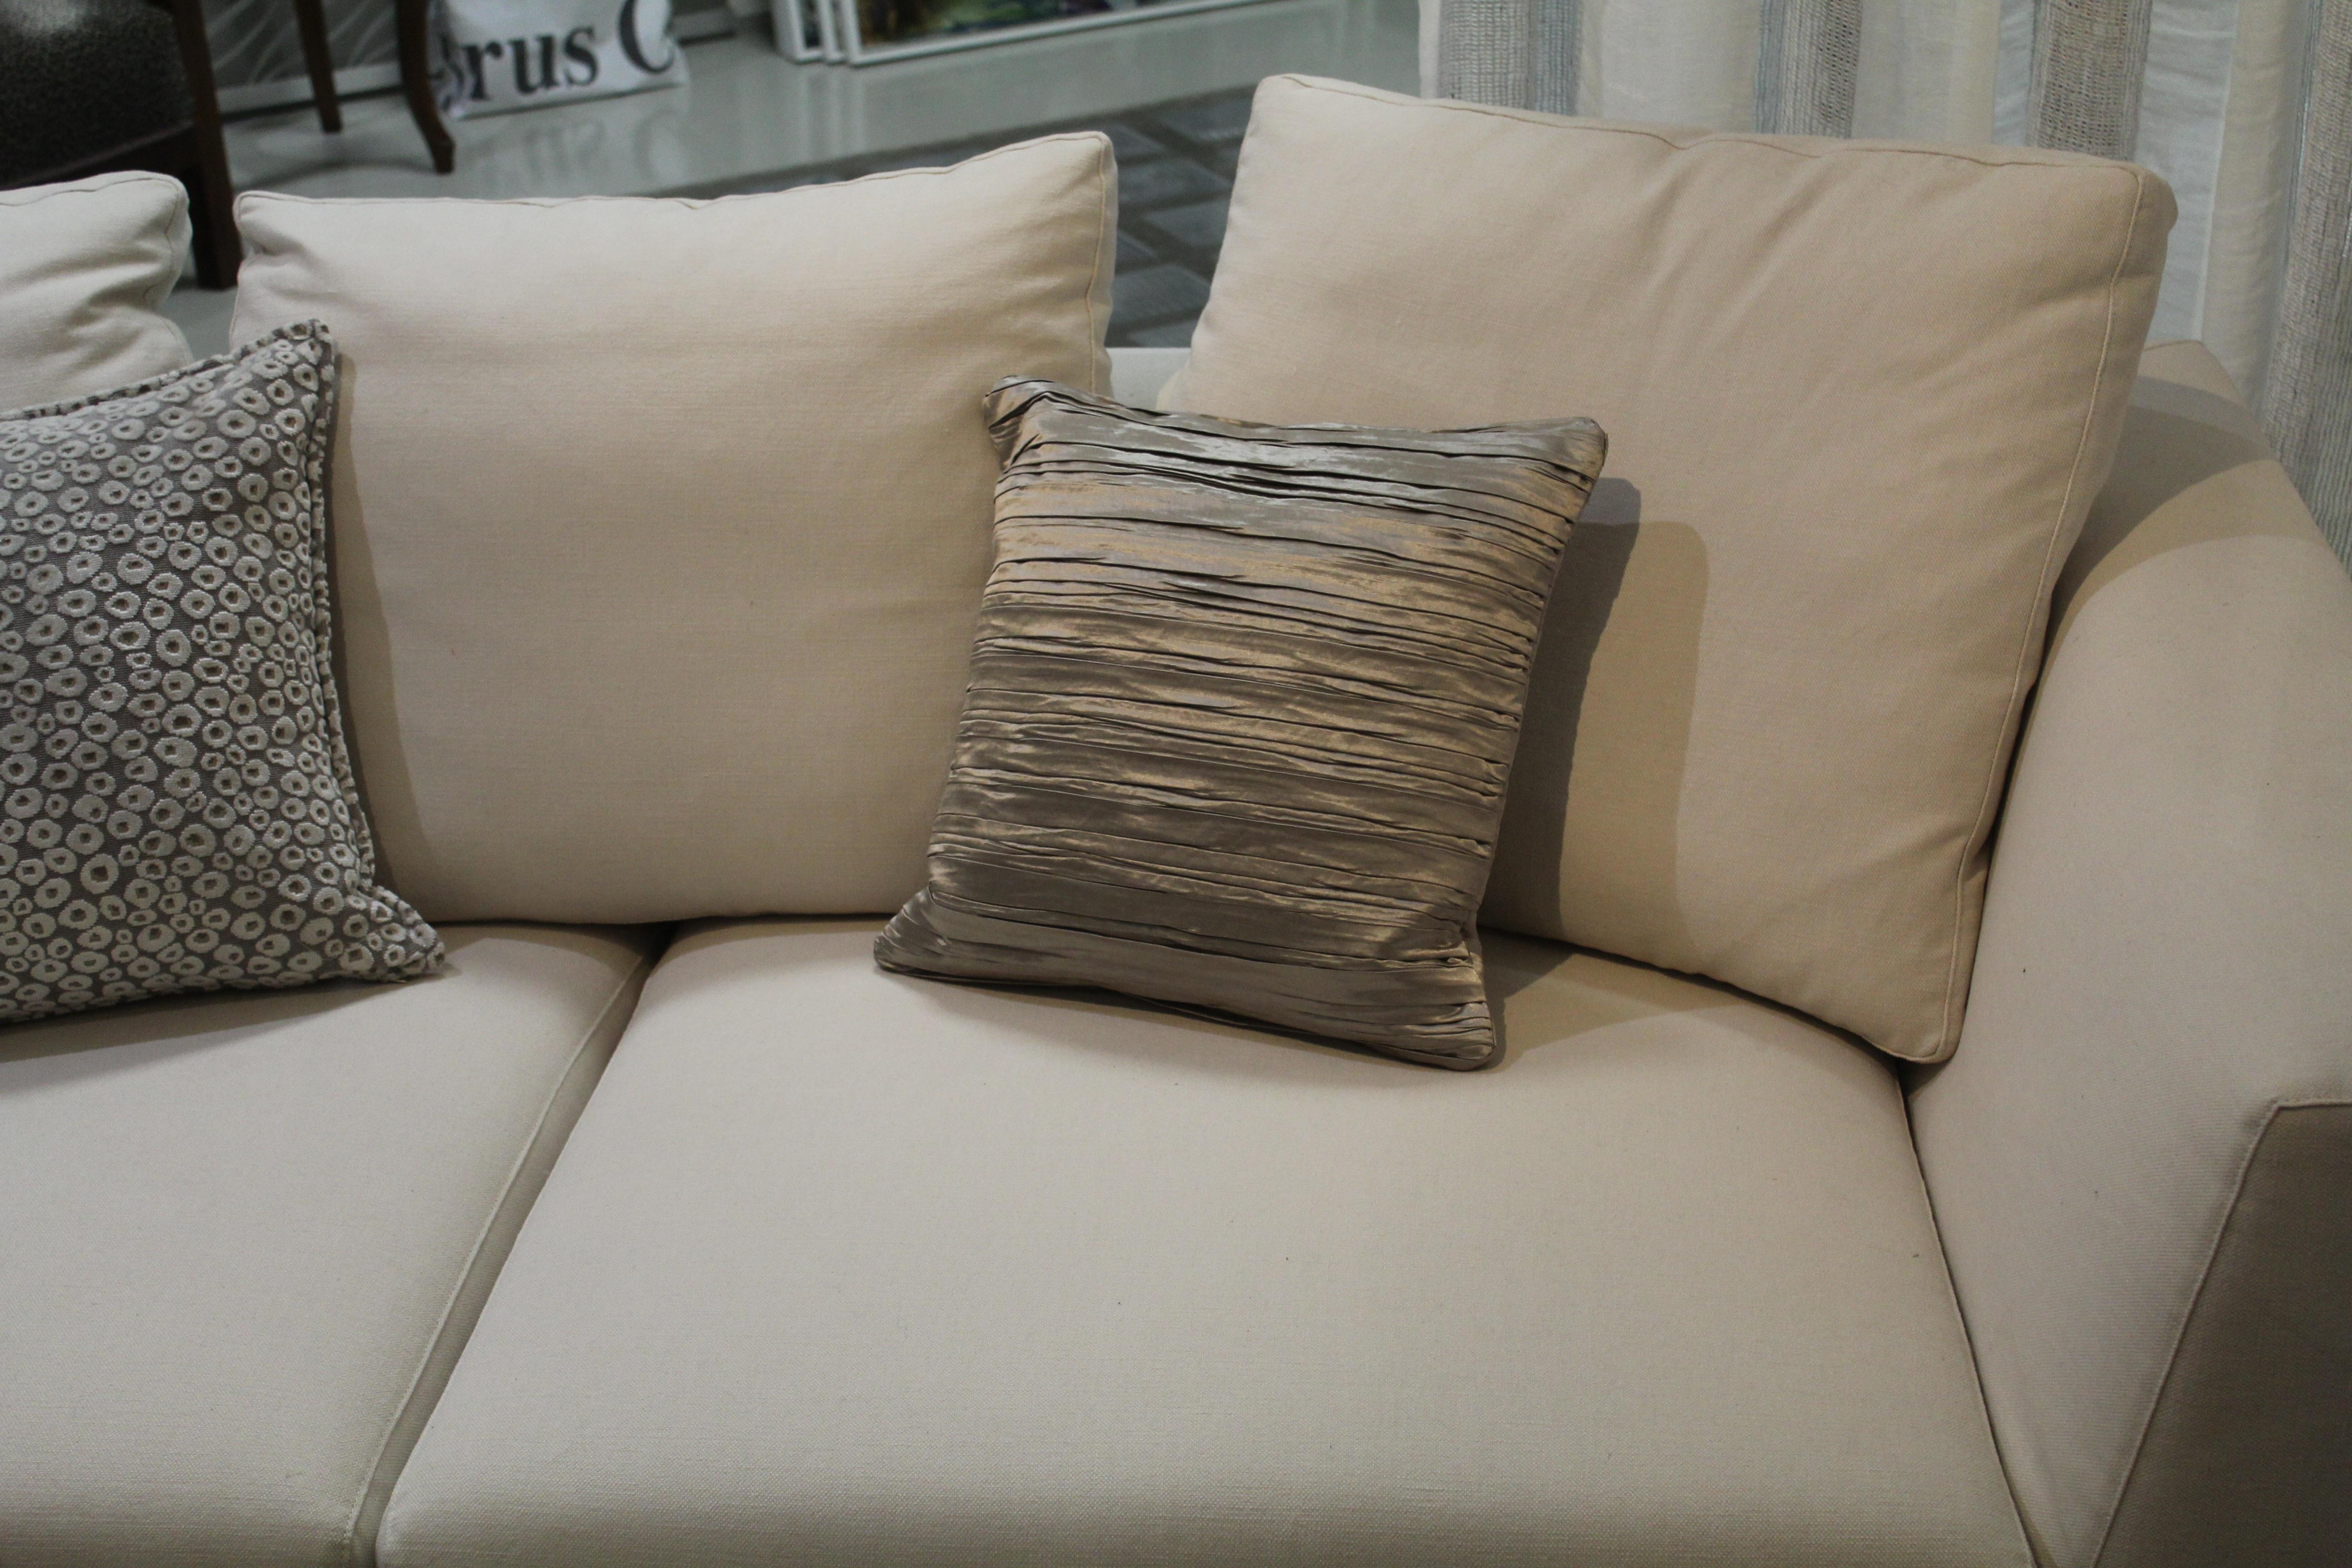 images gratuites chaise salon meubles chambre canap en tissu coussin textile. Black Bedroom Furniture Sets. Home Design Ideas